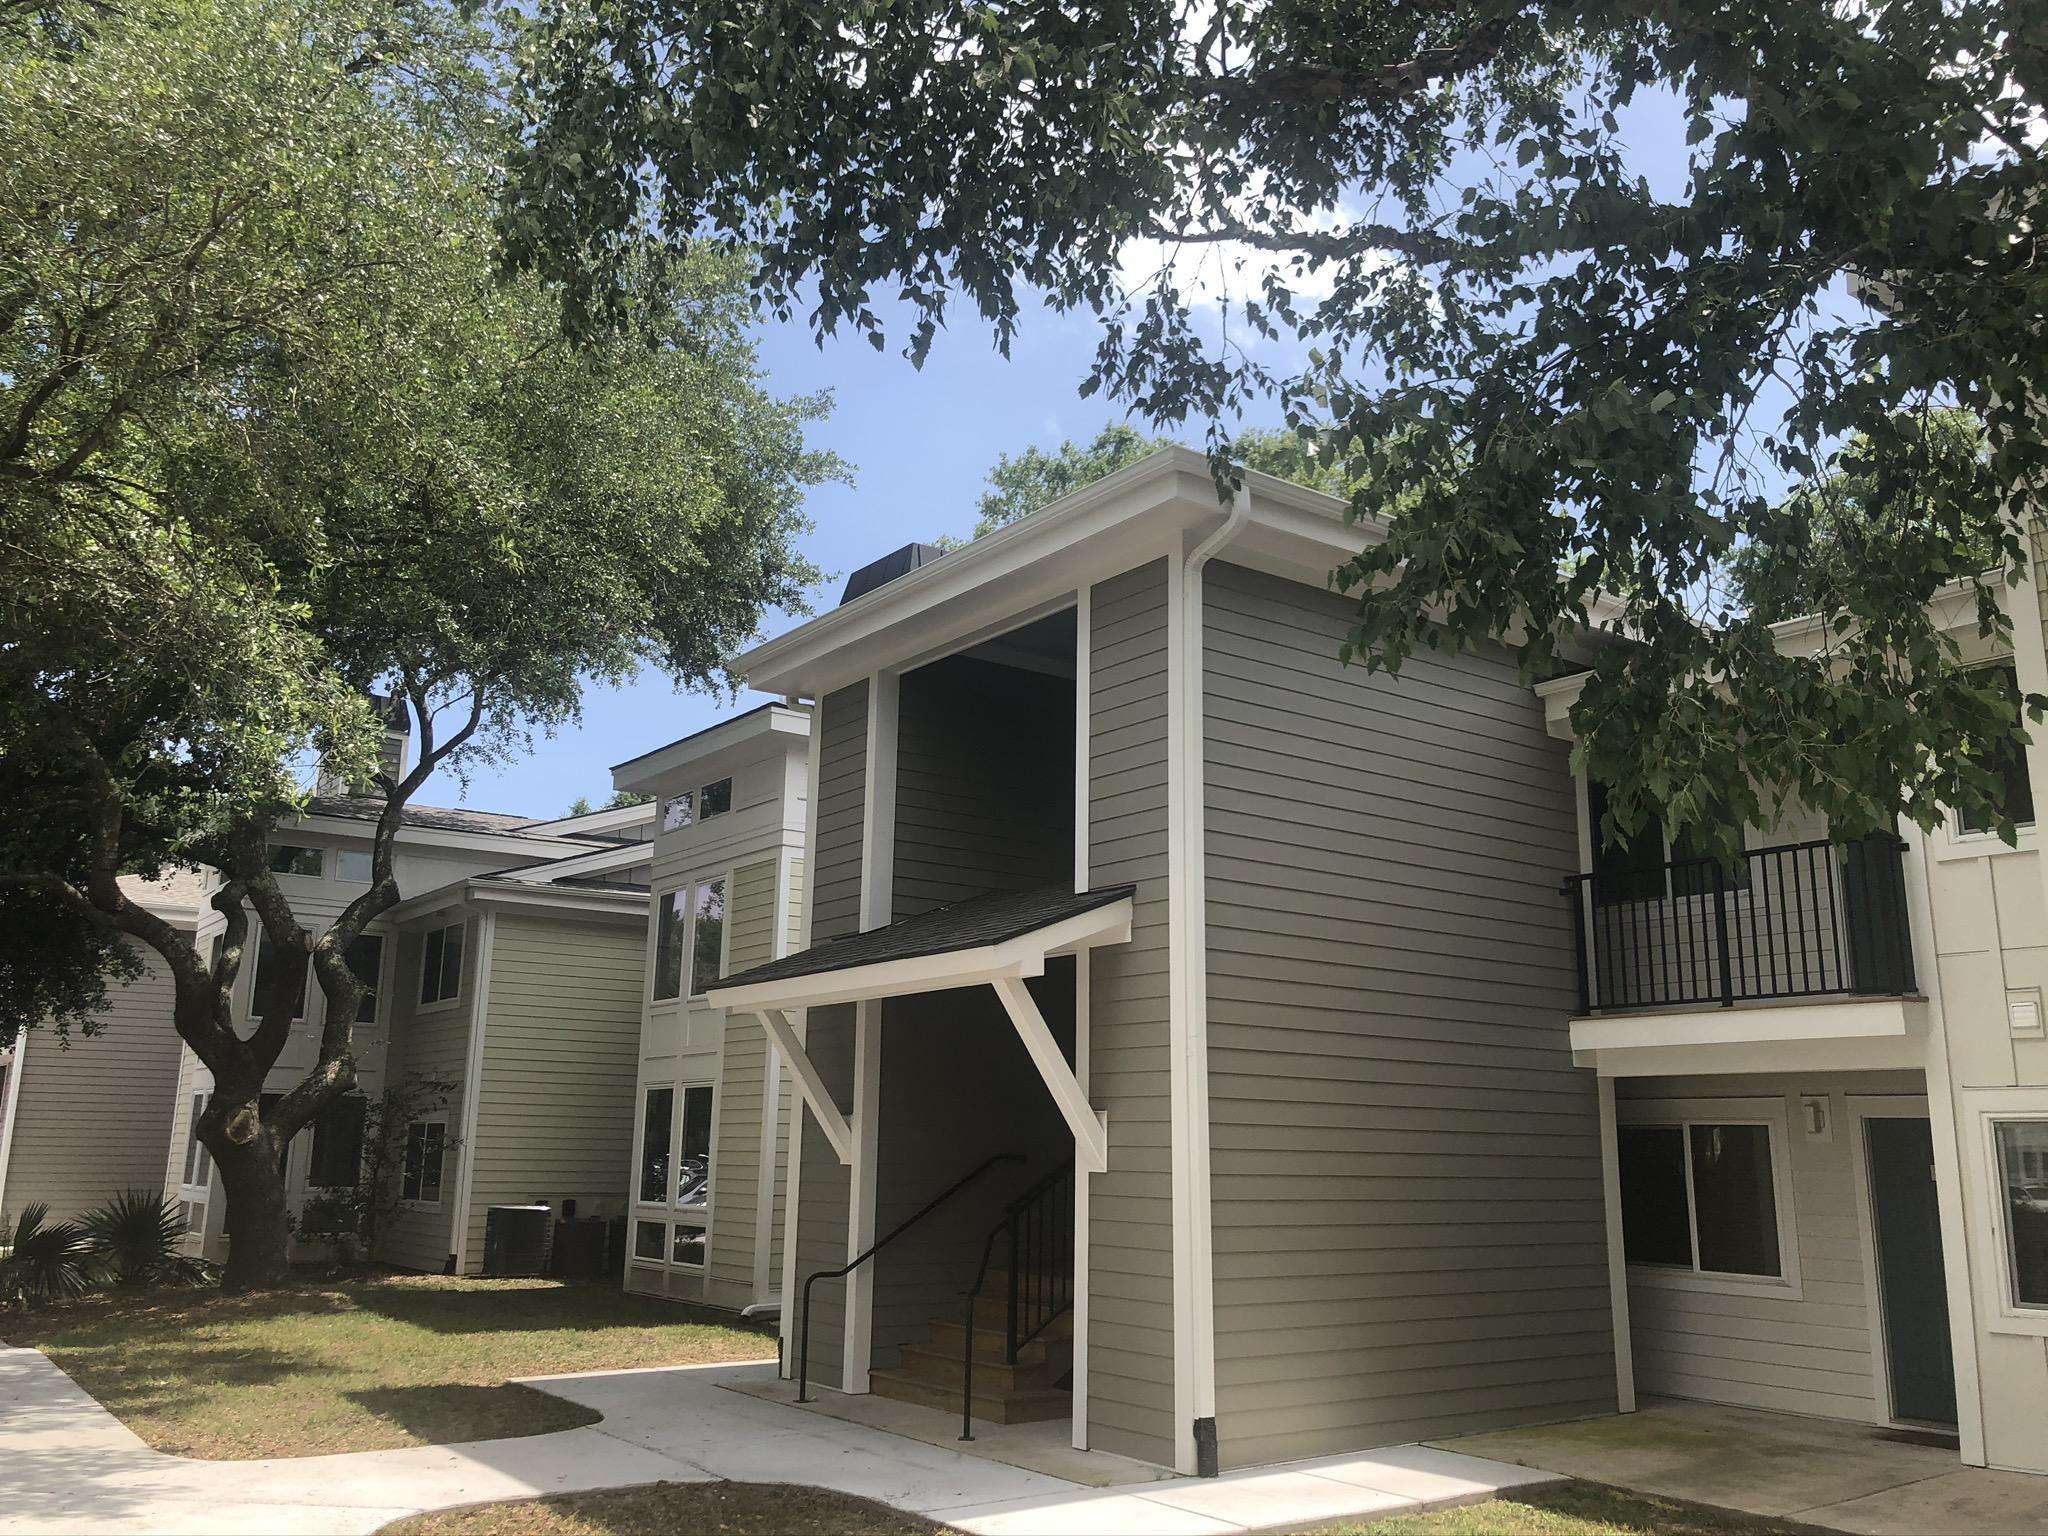 East Bridge Town Lofts Homes For Sale - 265 Alexandra, Mount Pleasant, SC - 10